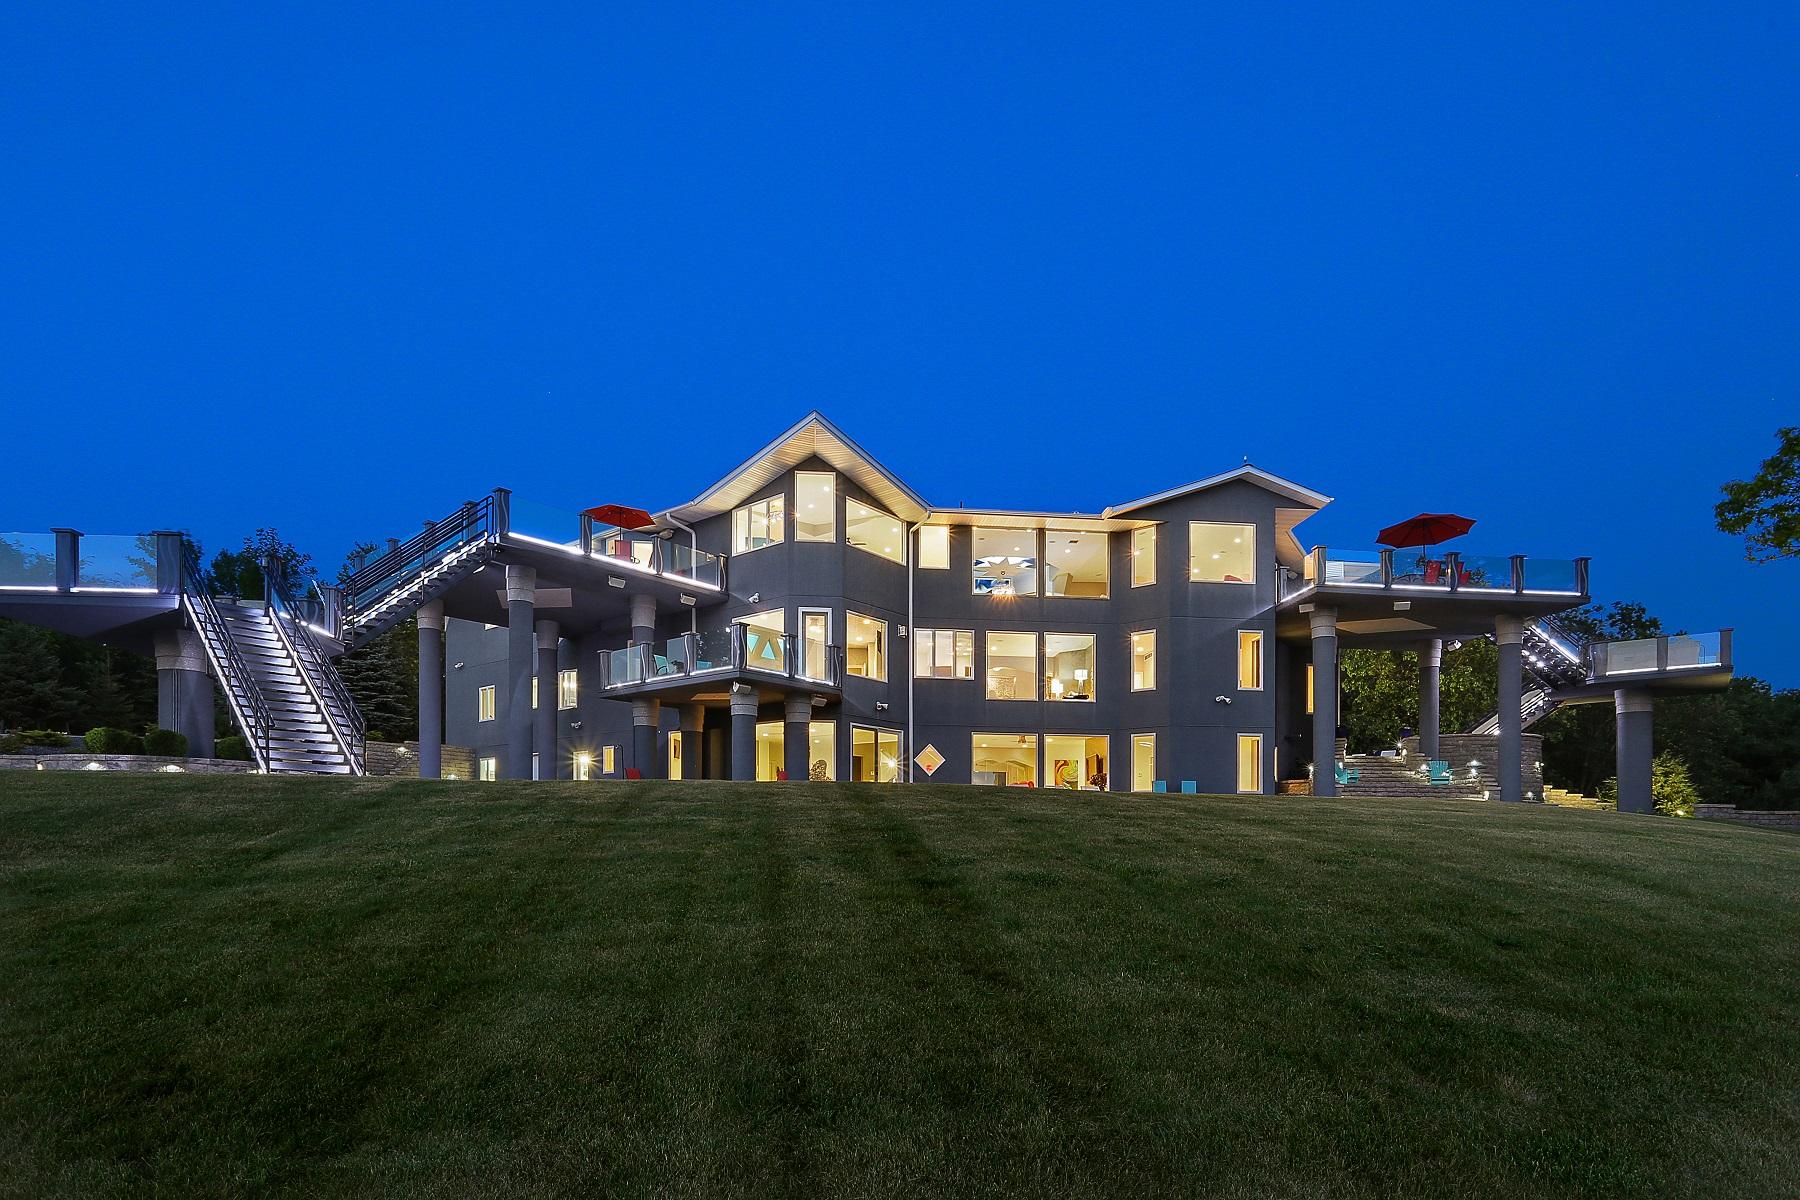 Частный односемейный дом для того Продажа на Views of the Bay 3477 Bay Settlement Road, Green Bay, Висконсин, 54311 Соединенные Штаты